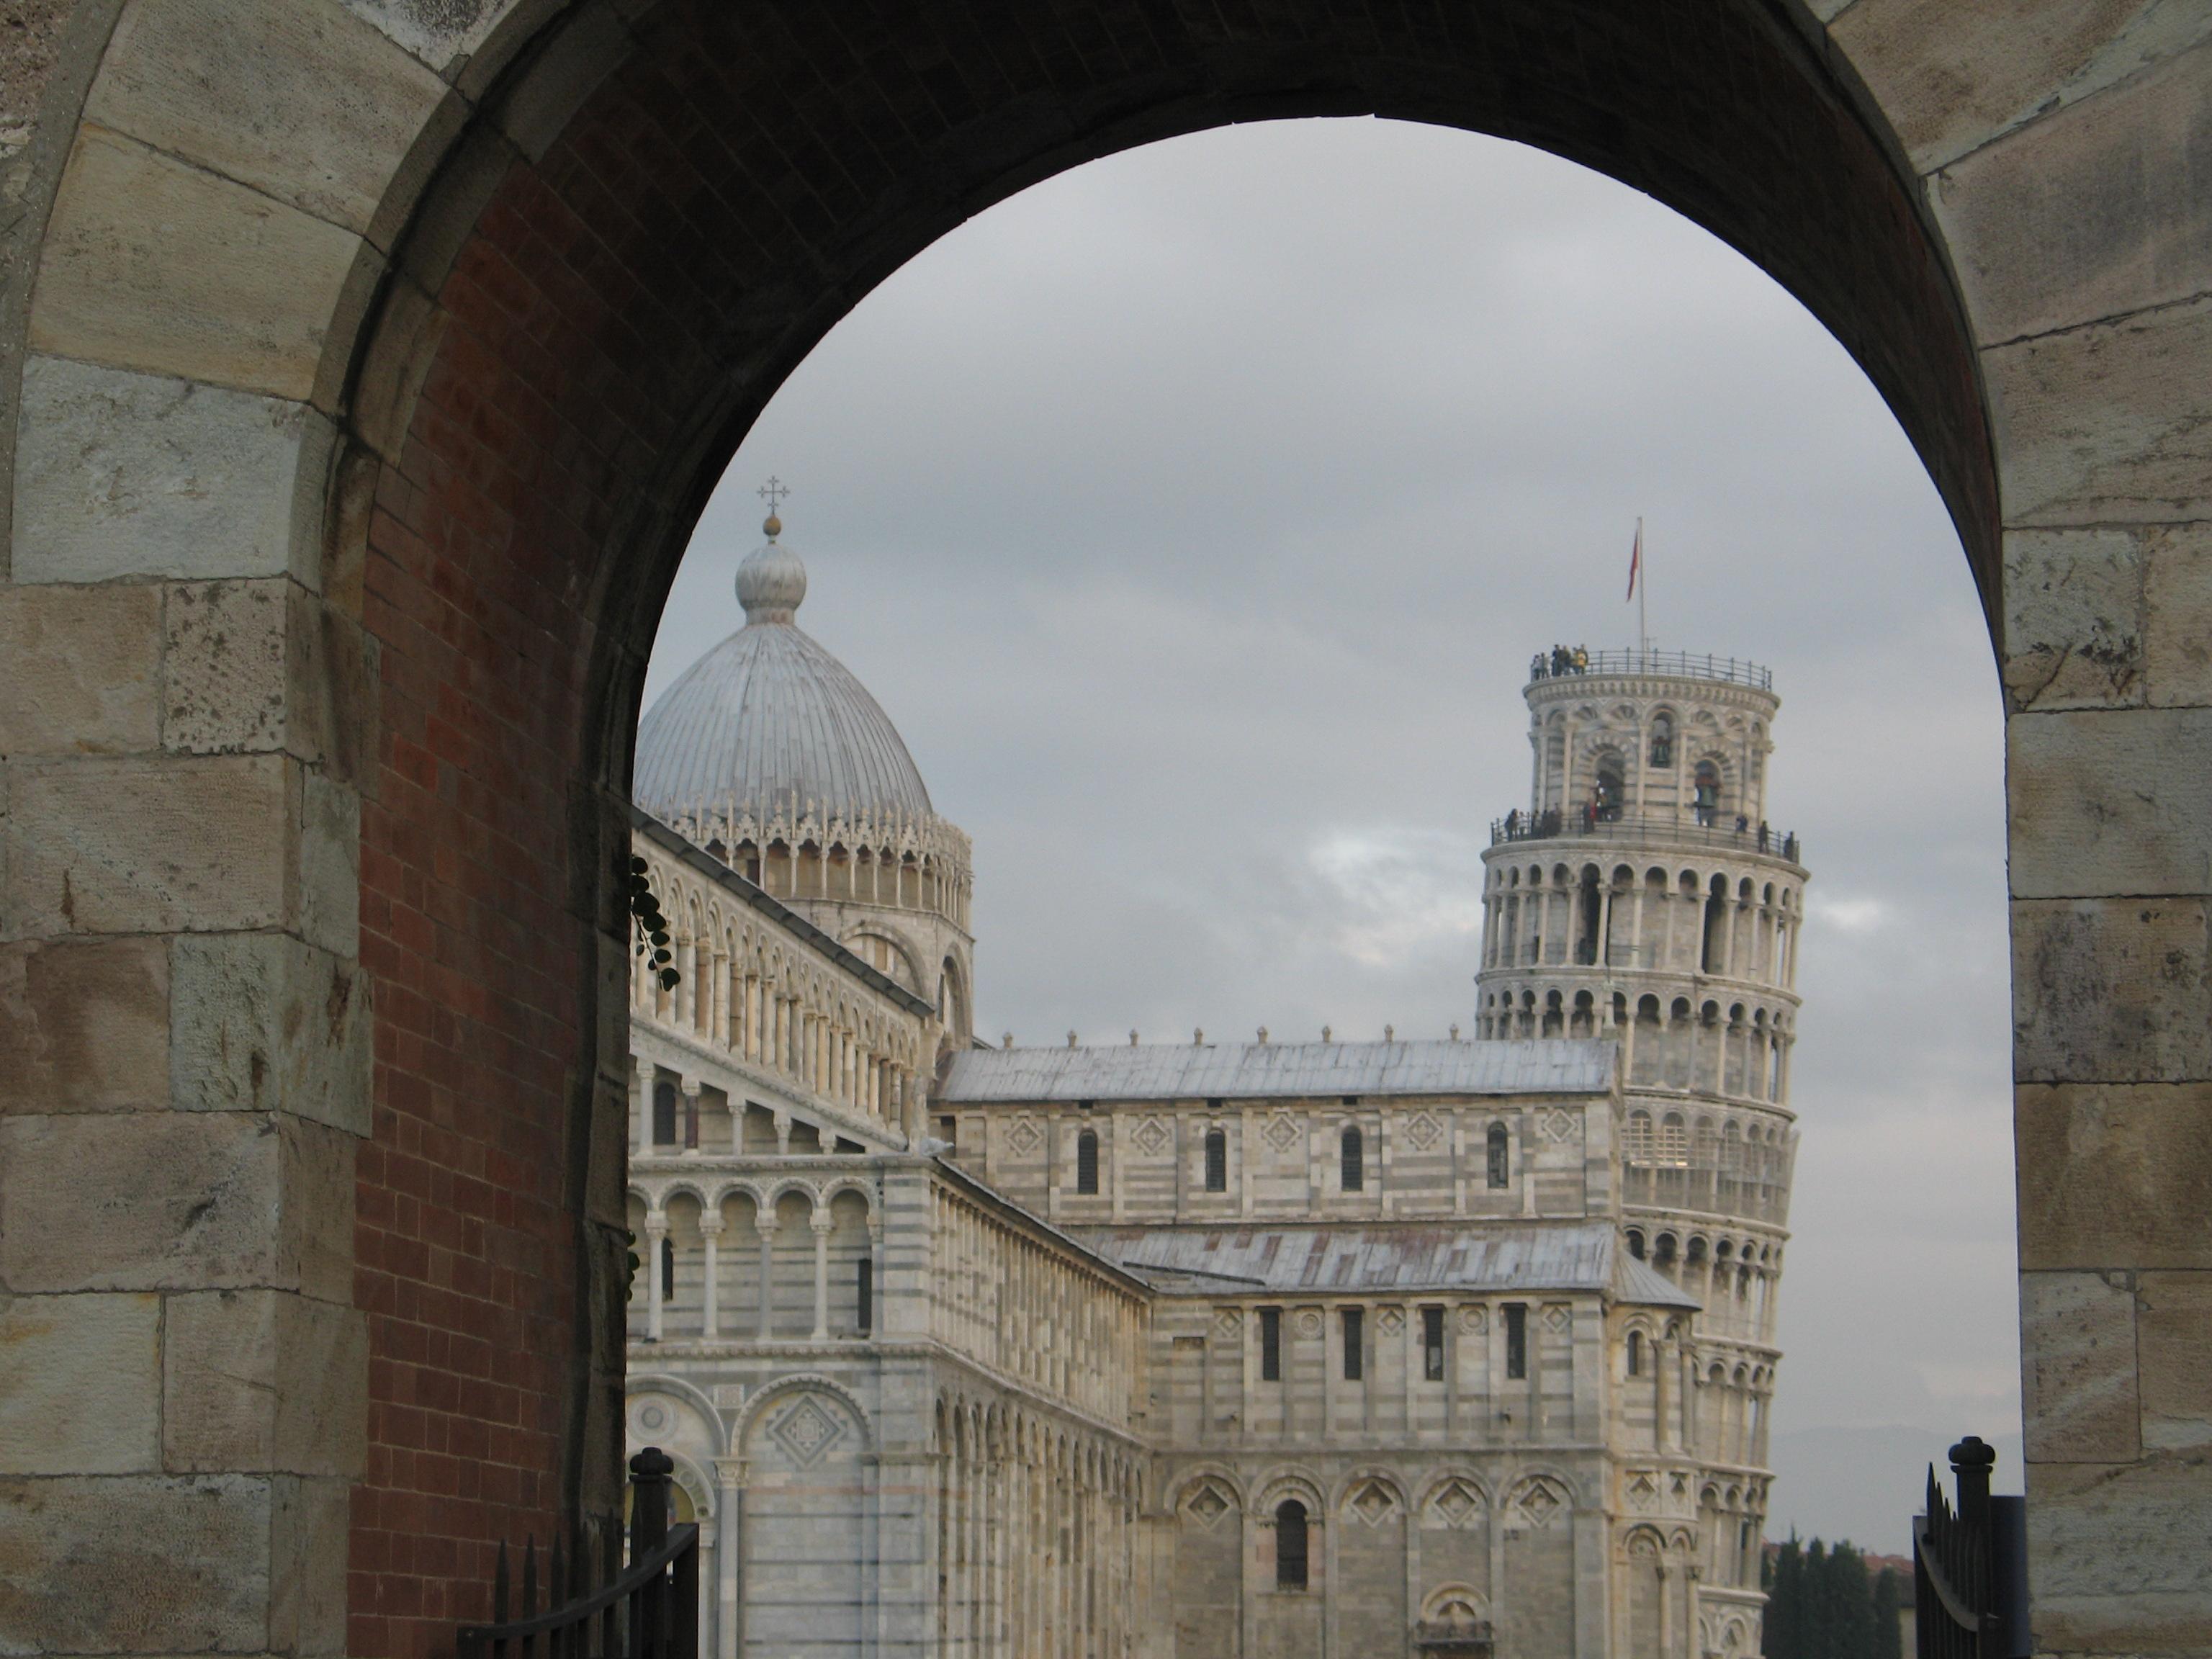 La visuale mozzafiato dei monumenti di Piazza dei Miracoli dall'ingresso ovest